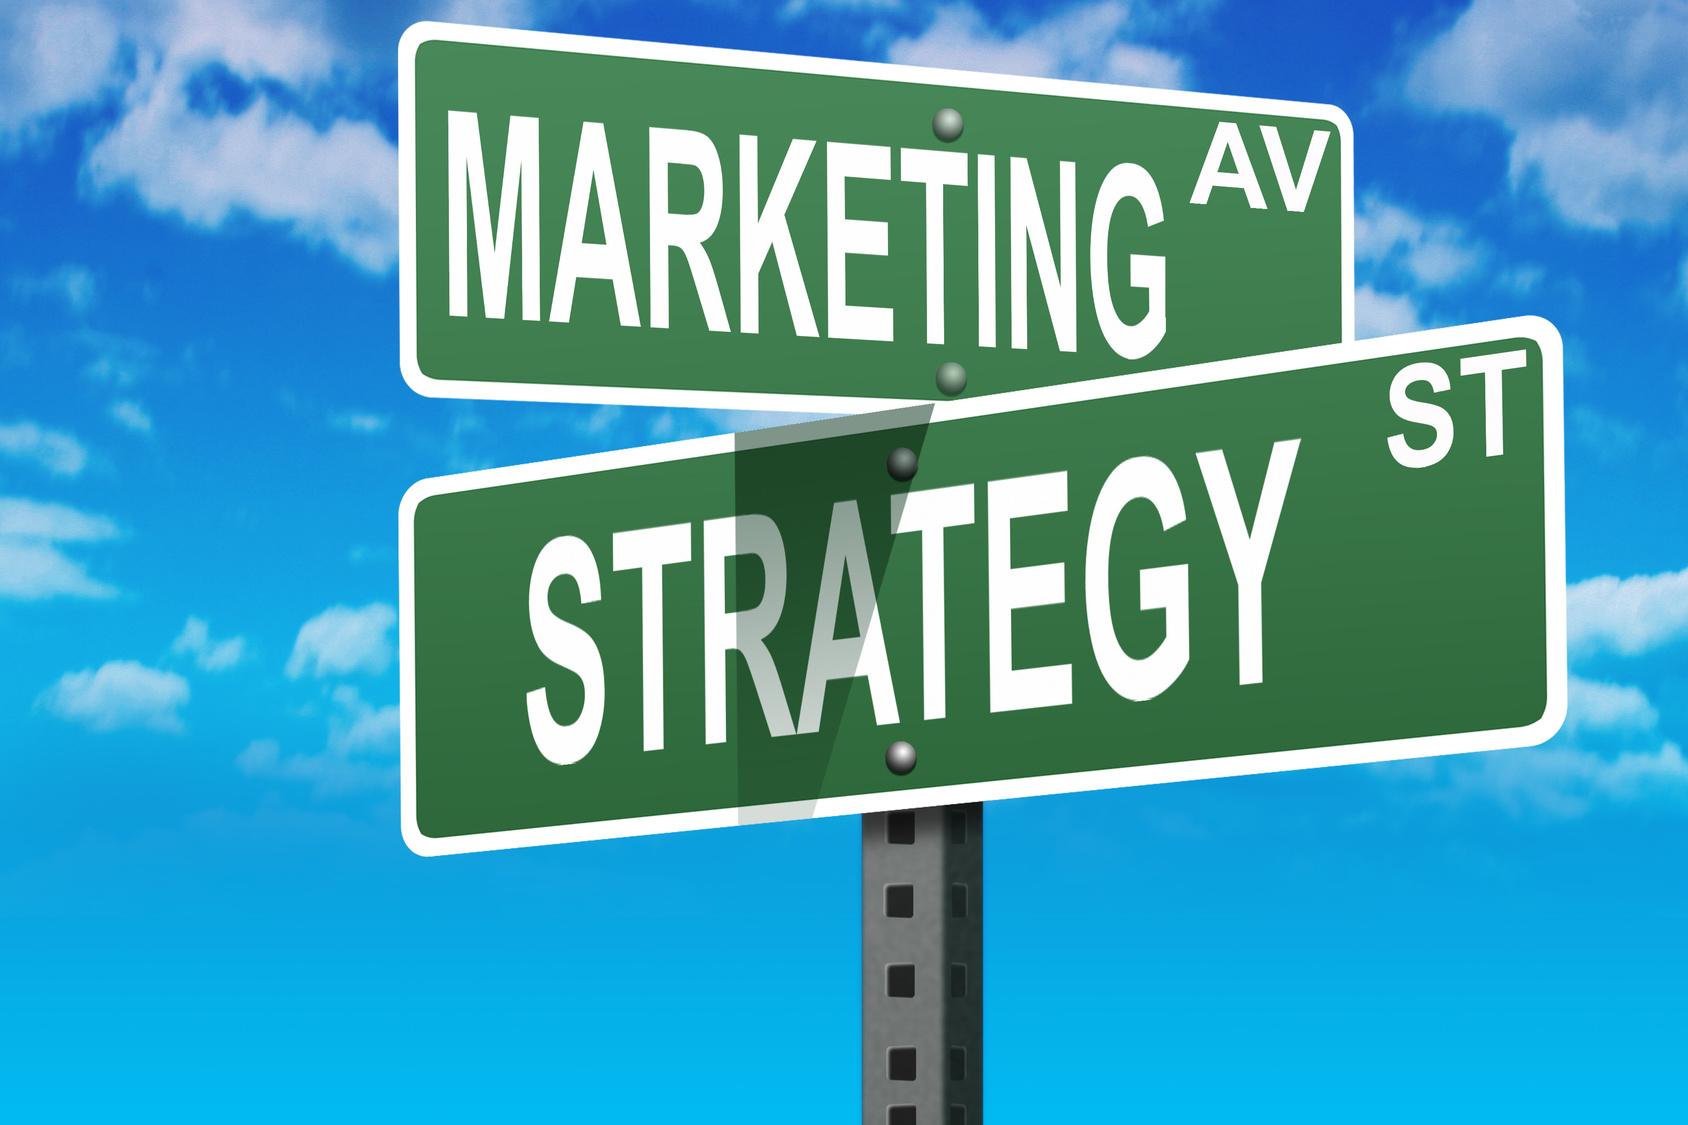 Маркетинговая Деятельность Предприятия курсовой проект найден Маркетинговая деятельность предприятия курсовой проект в деталях